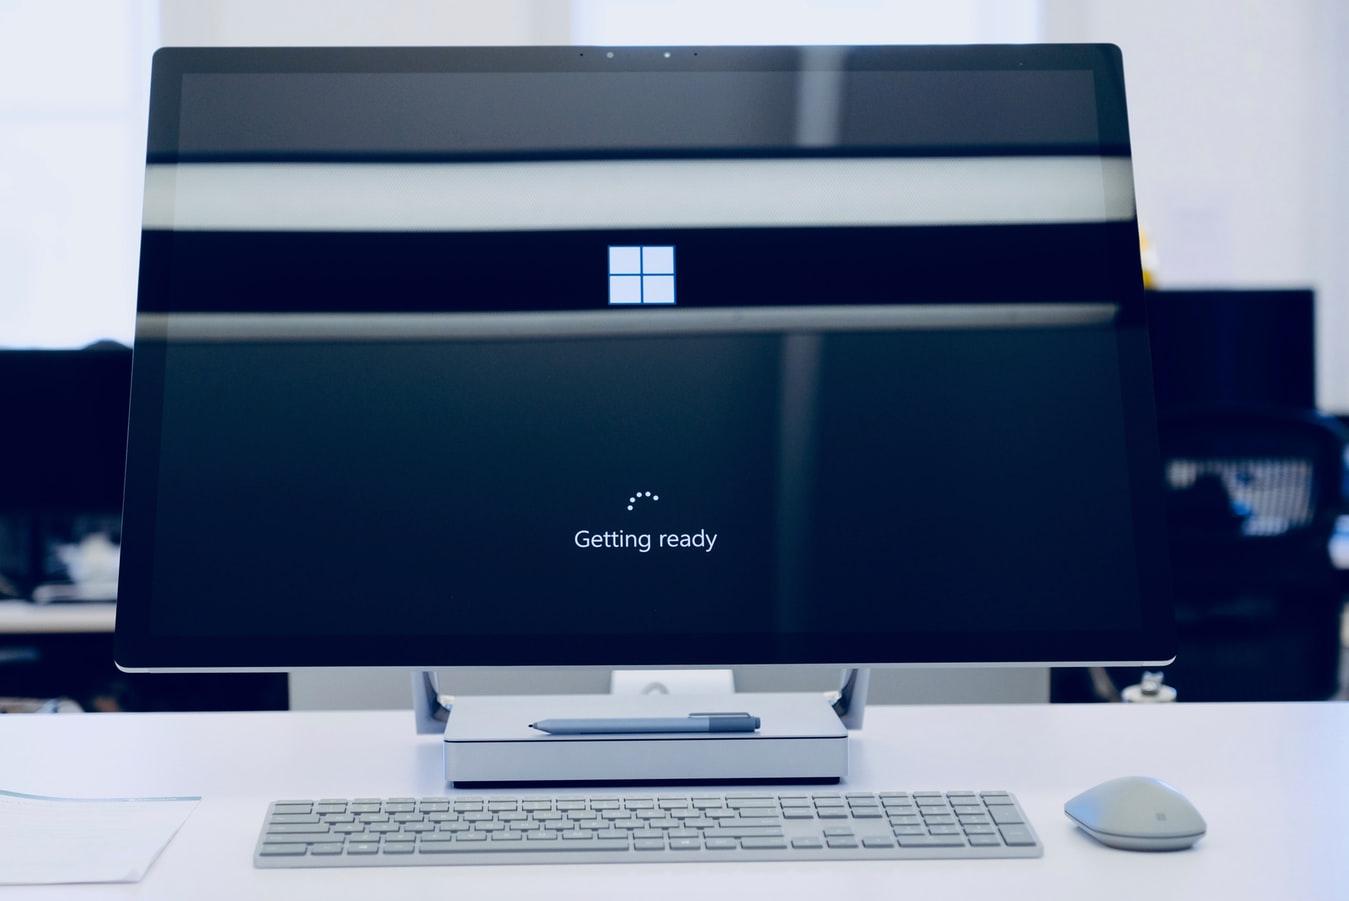 打擊犯罪!微軟新功能揪潛在兒童性侵犯 掃描聊天紀錄防堵網路騷擾